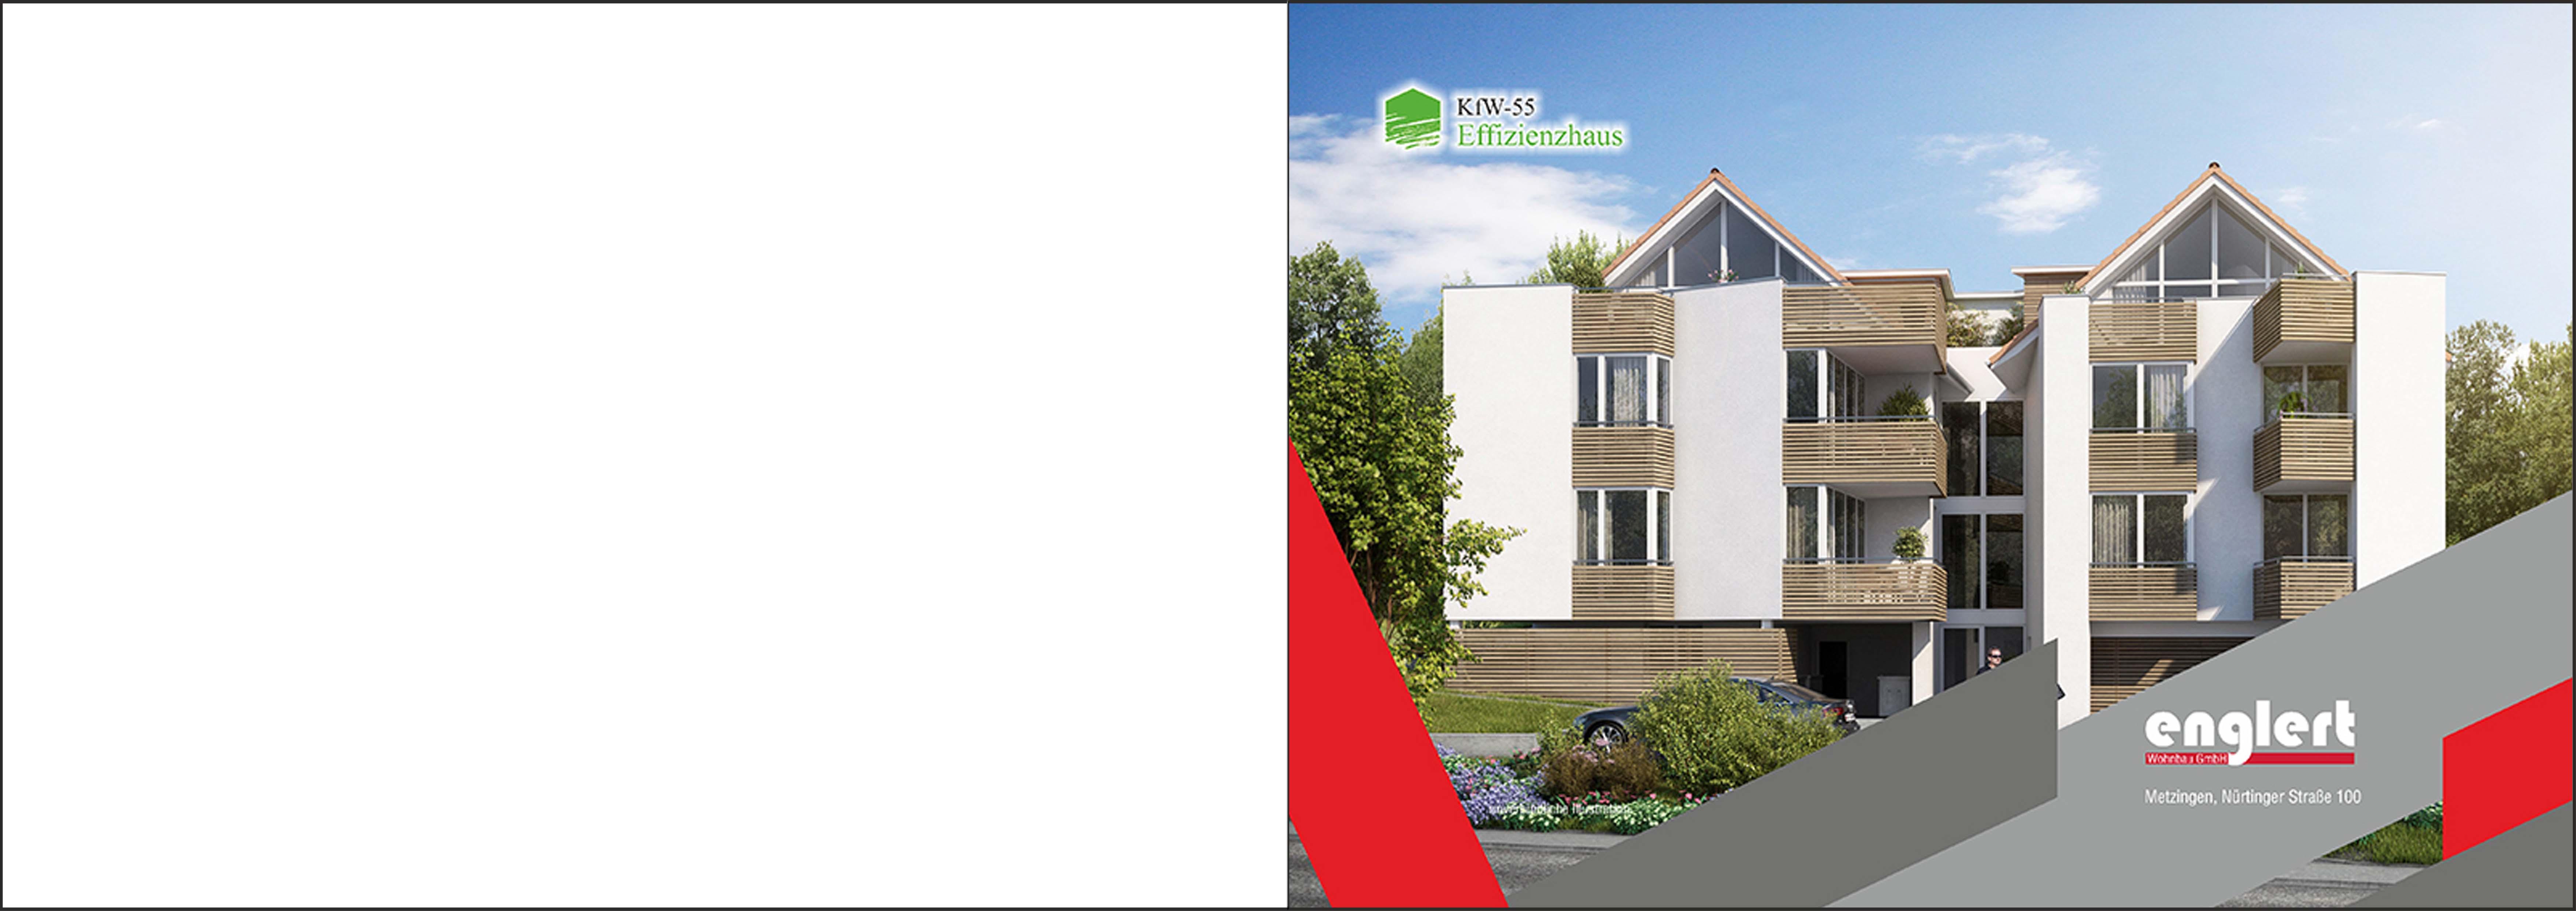 Englert-Wohnbau_BV-Metzingen-Nuertinger-Straße-Seite-01